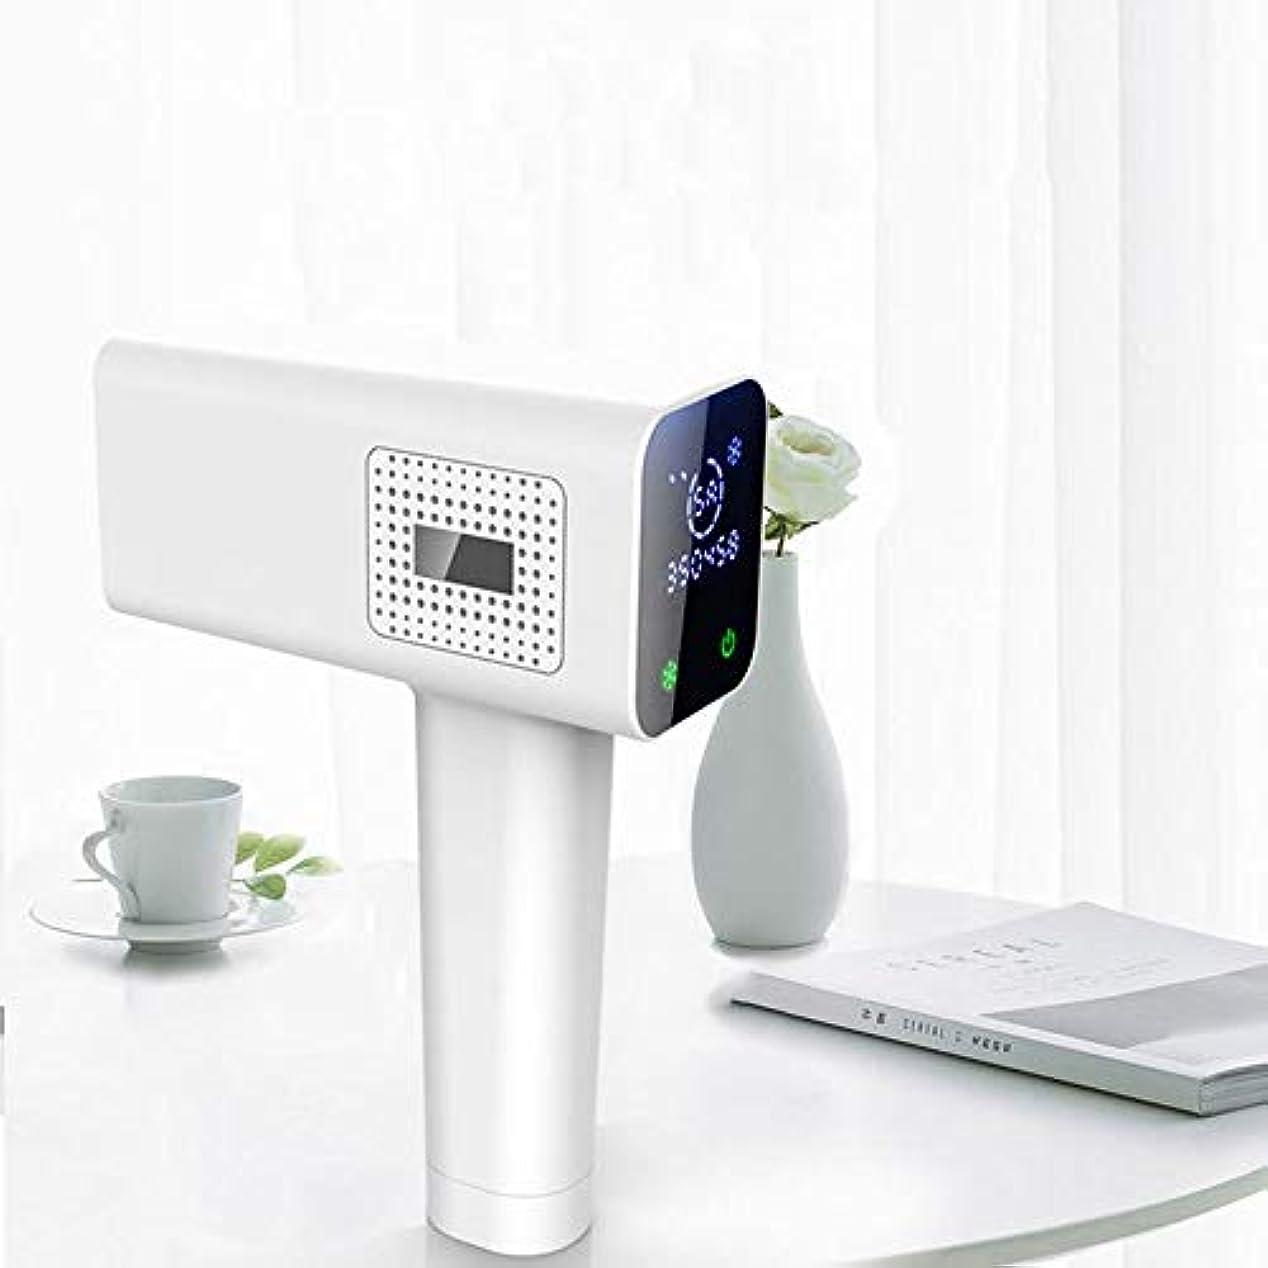 従順会話型請求書Xihouxian ポータブルフルボディアイスポイント脱毛器、シングルフラッシュ、連続フラッシュ、デュアルモード、交換可能なランプホルダー、10スピード調整、LCDタッチスクリーン D40